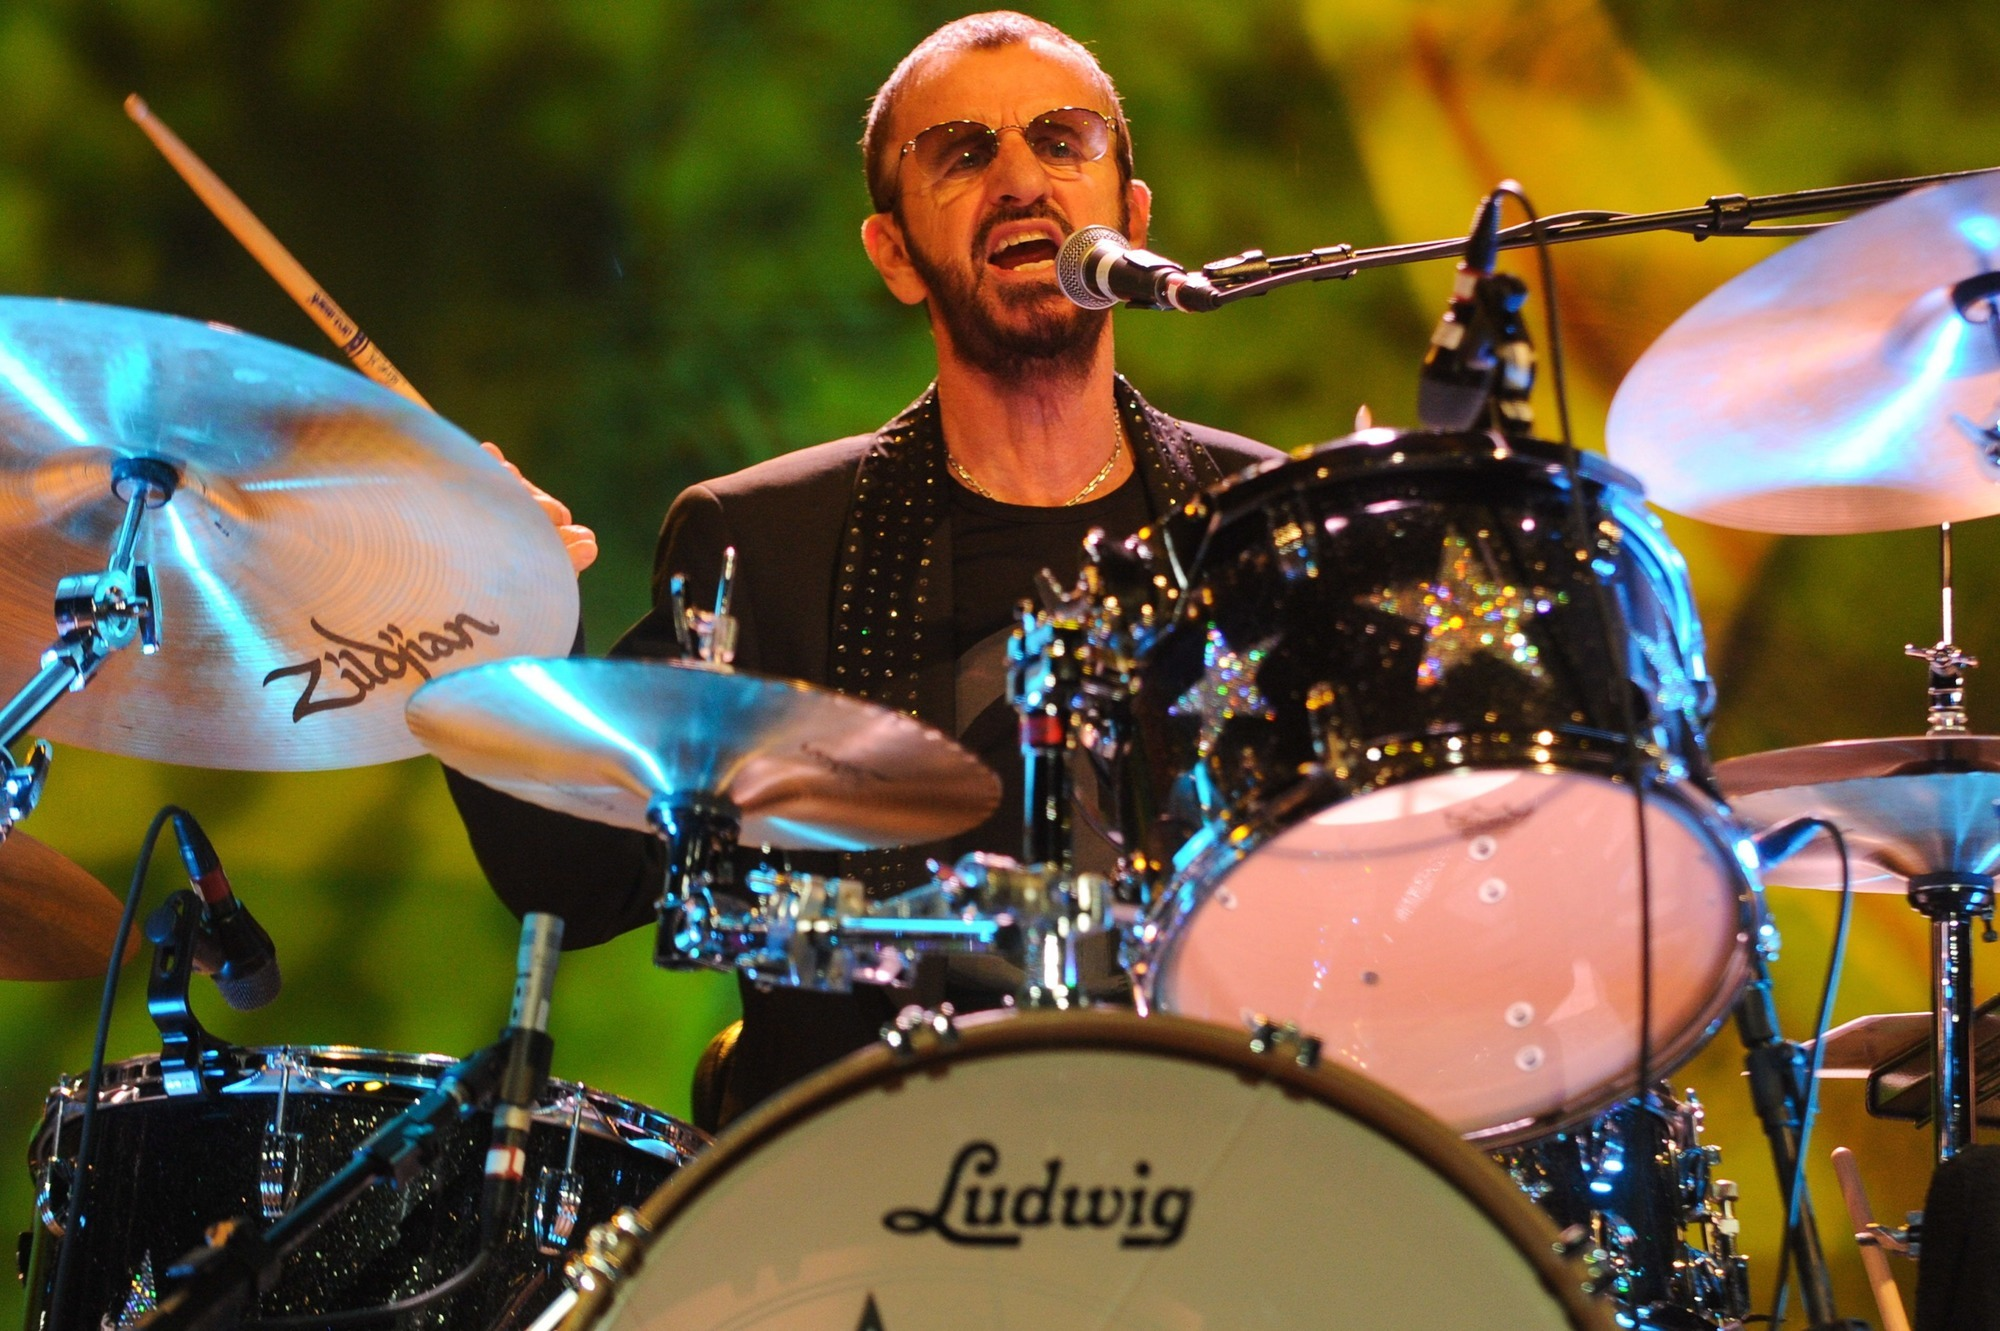 Der Cowboy der Beatles: Schlagzeuger Ringo Starr wird 80 ...